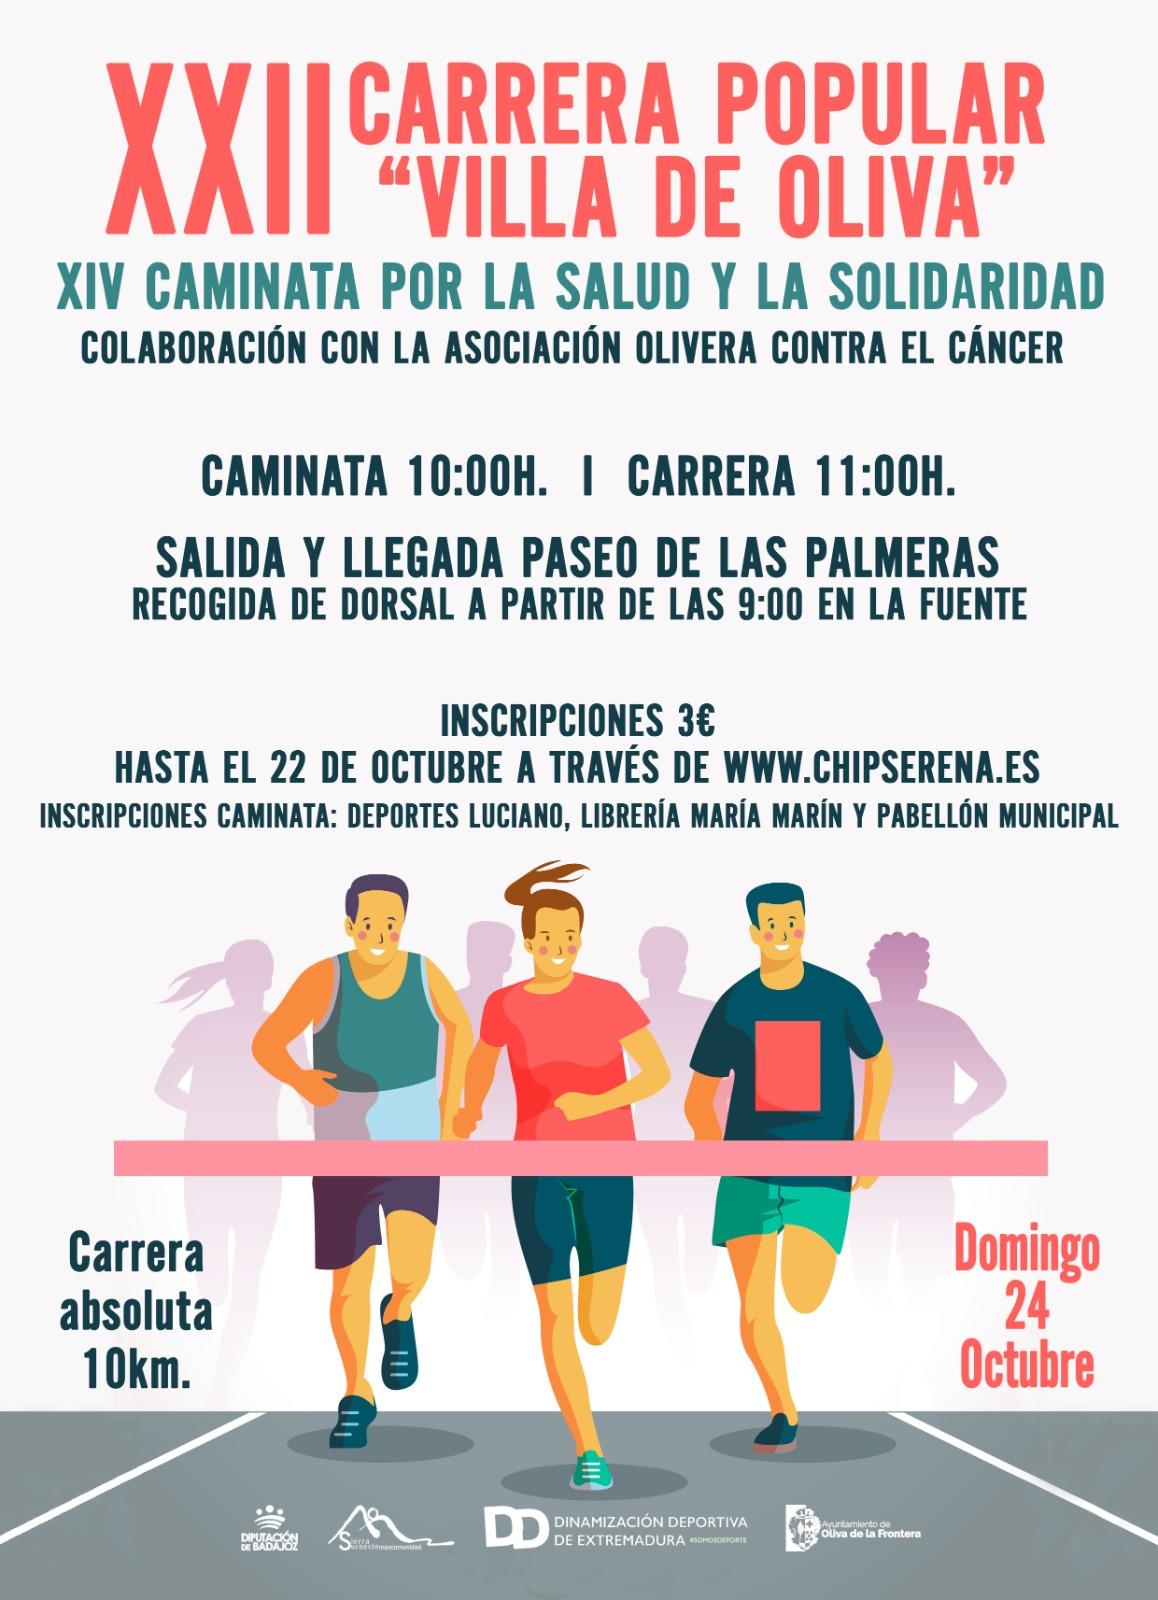 XXII Carrera Popular Villa de Oliva